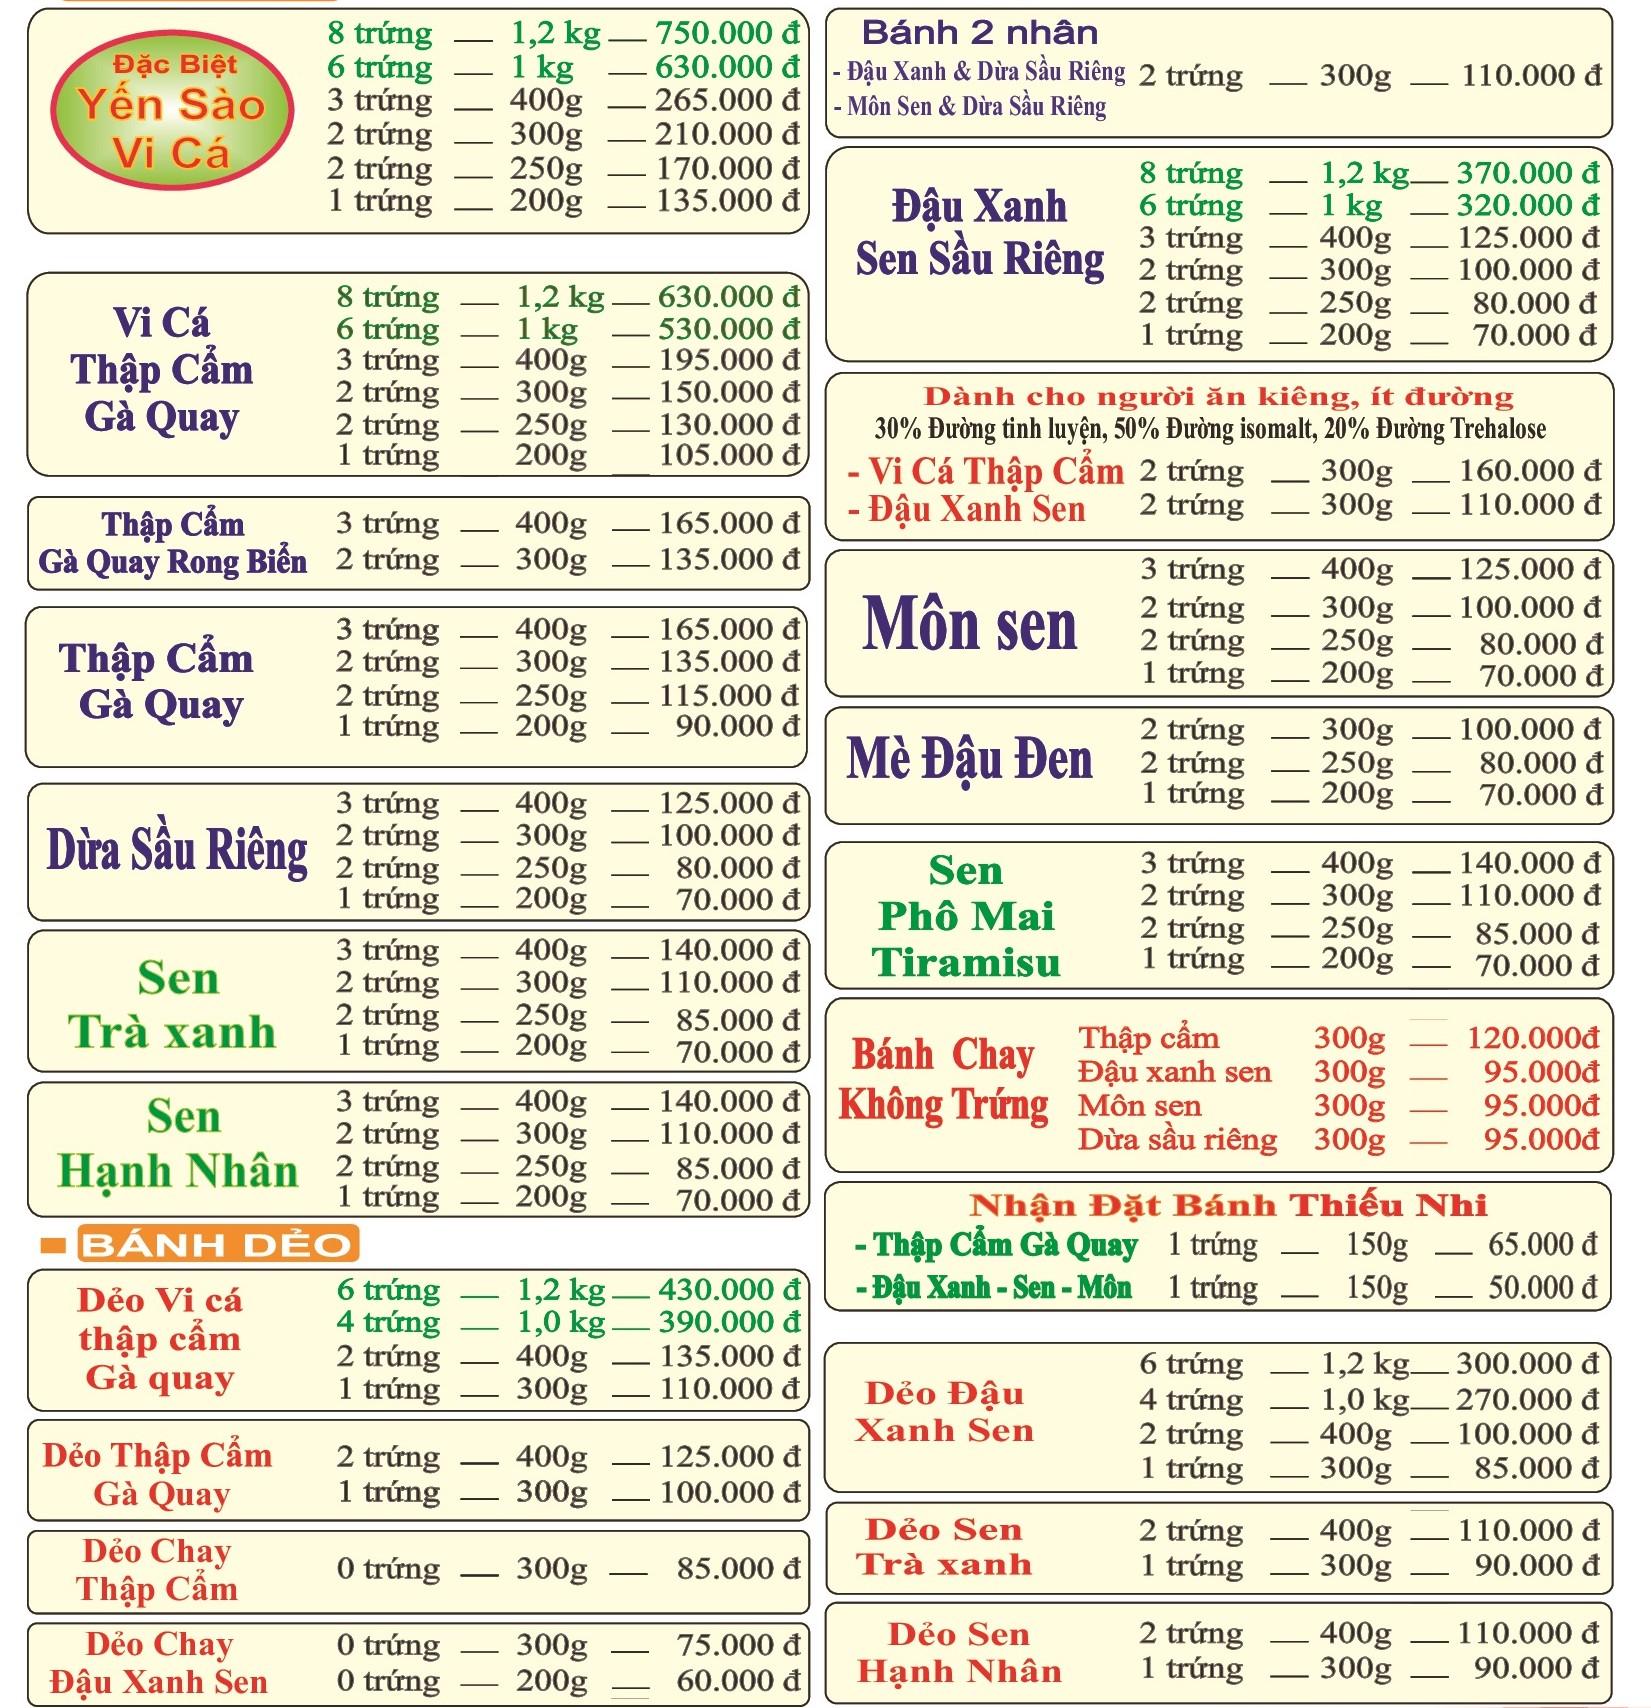 Bảng giá bánh trung thu Như lan